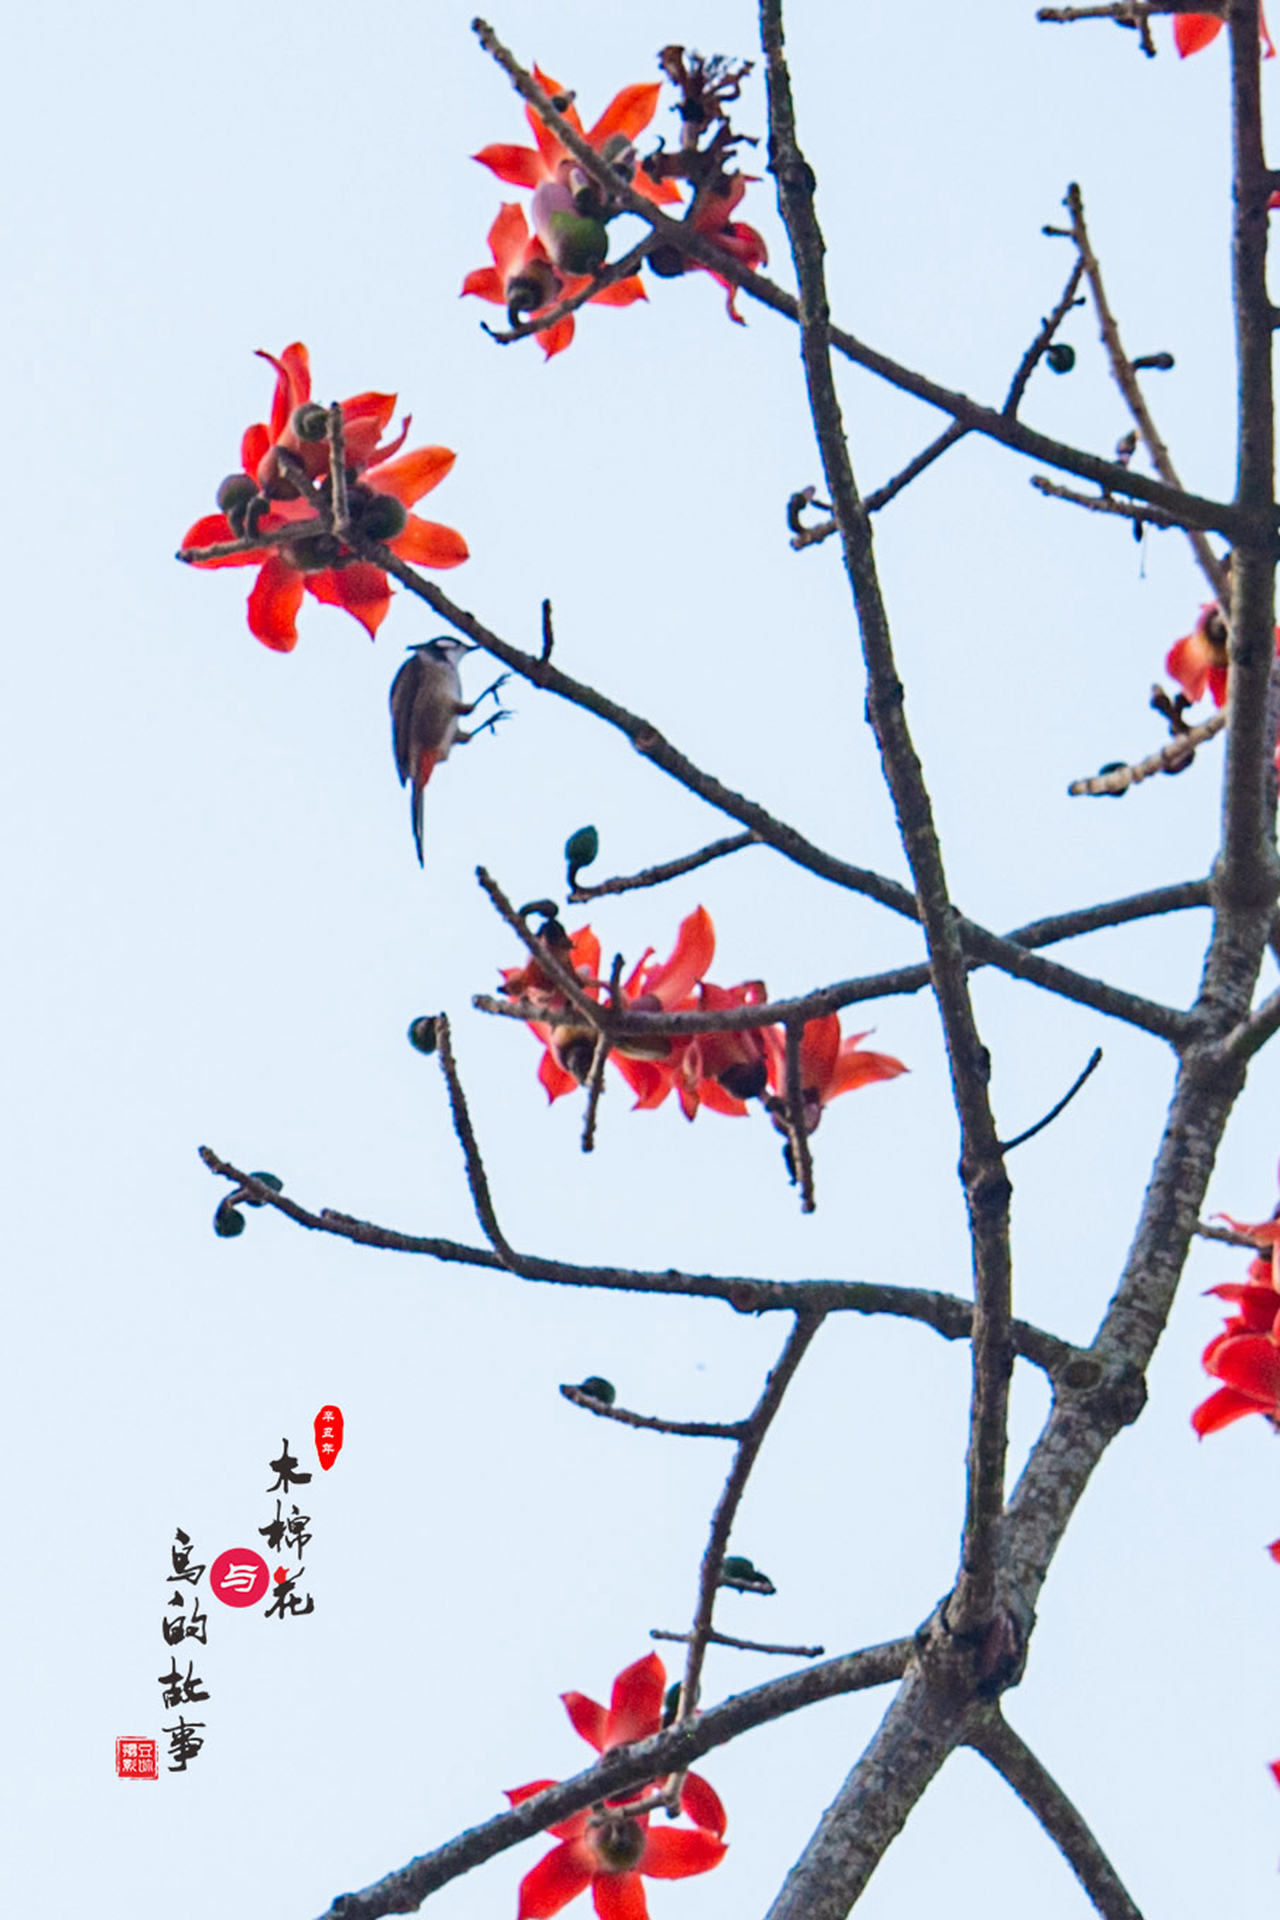 木棉花与鸟的故事41.jpg